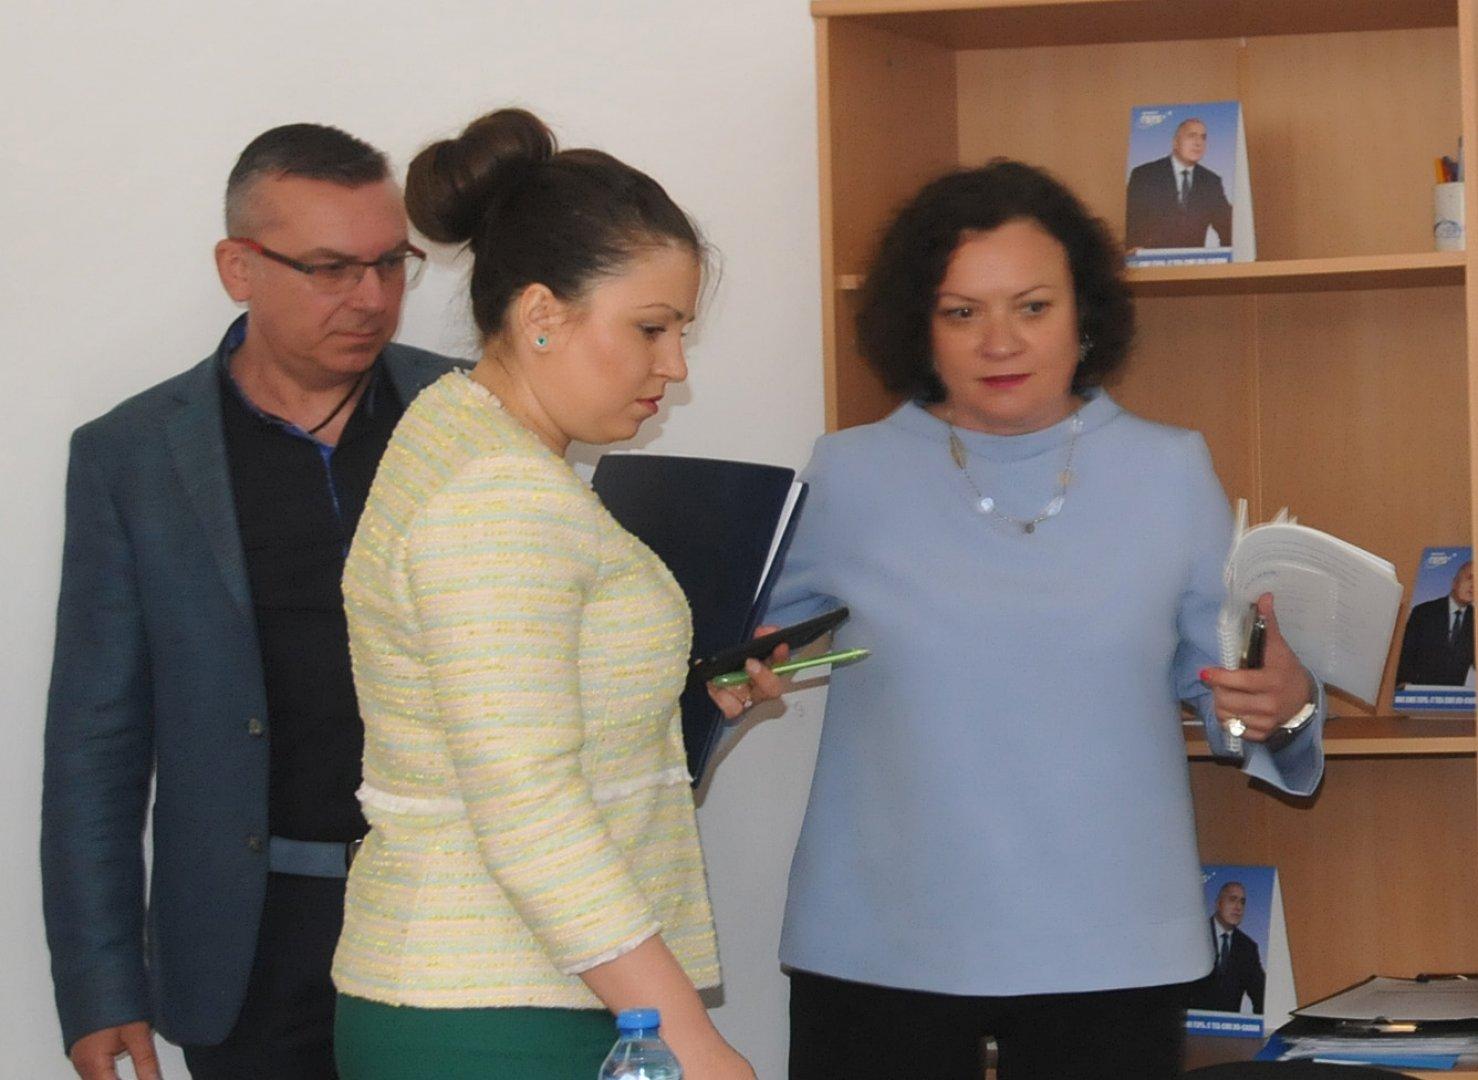 Това е най-мащабният проект на ВиК Бургас, каза Василева (вдясно). Снимка Лина Главинова